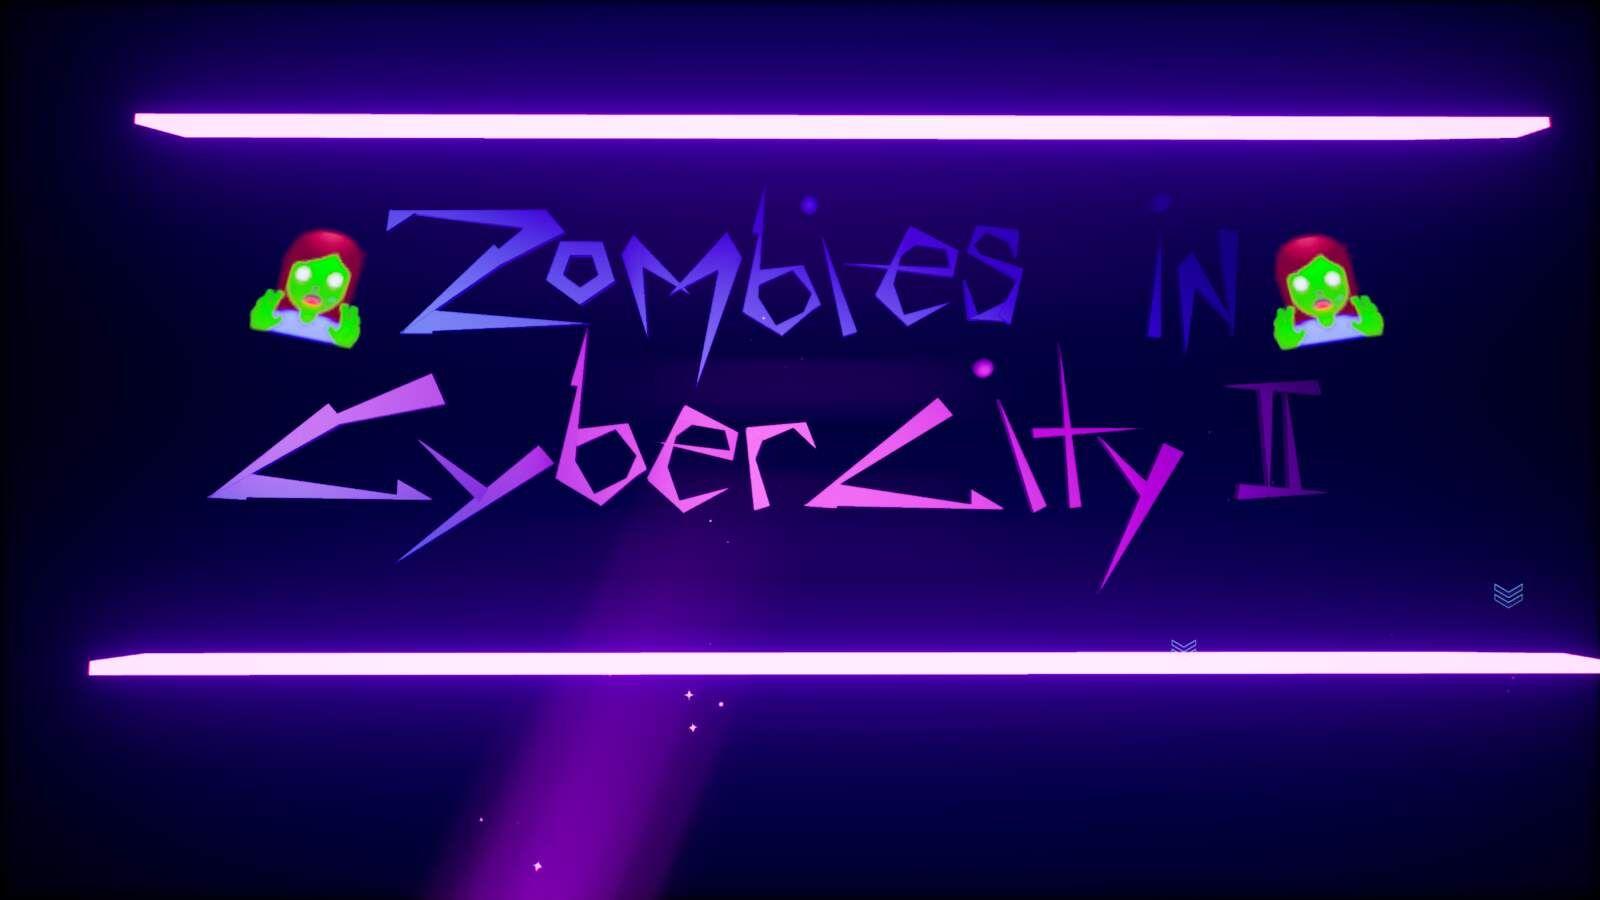 Zombies in Cybercity 2 1400-1909-0230 by mist_jawafett